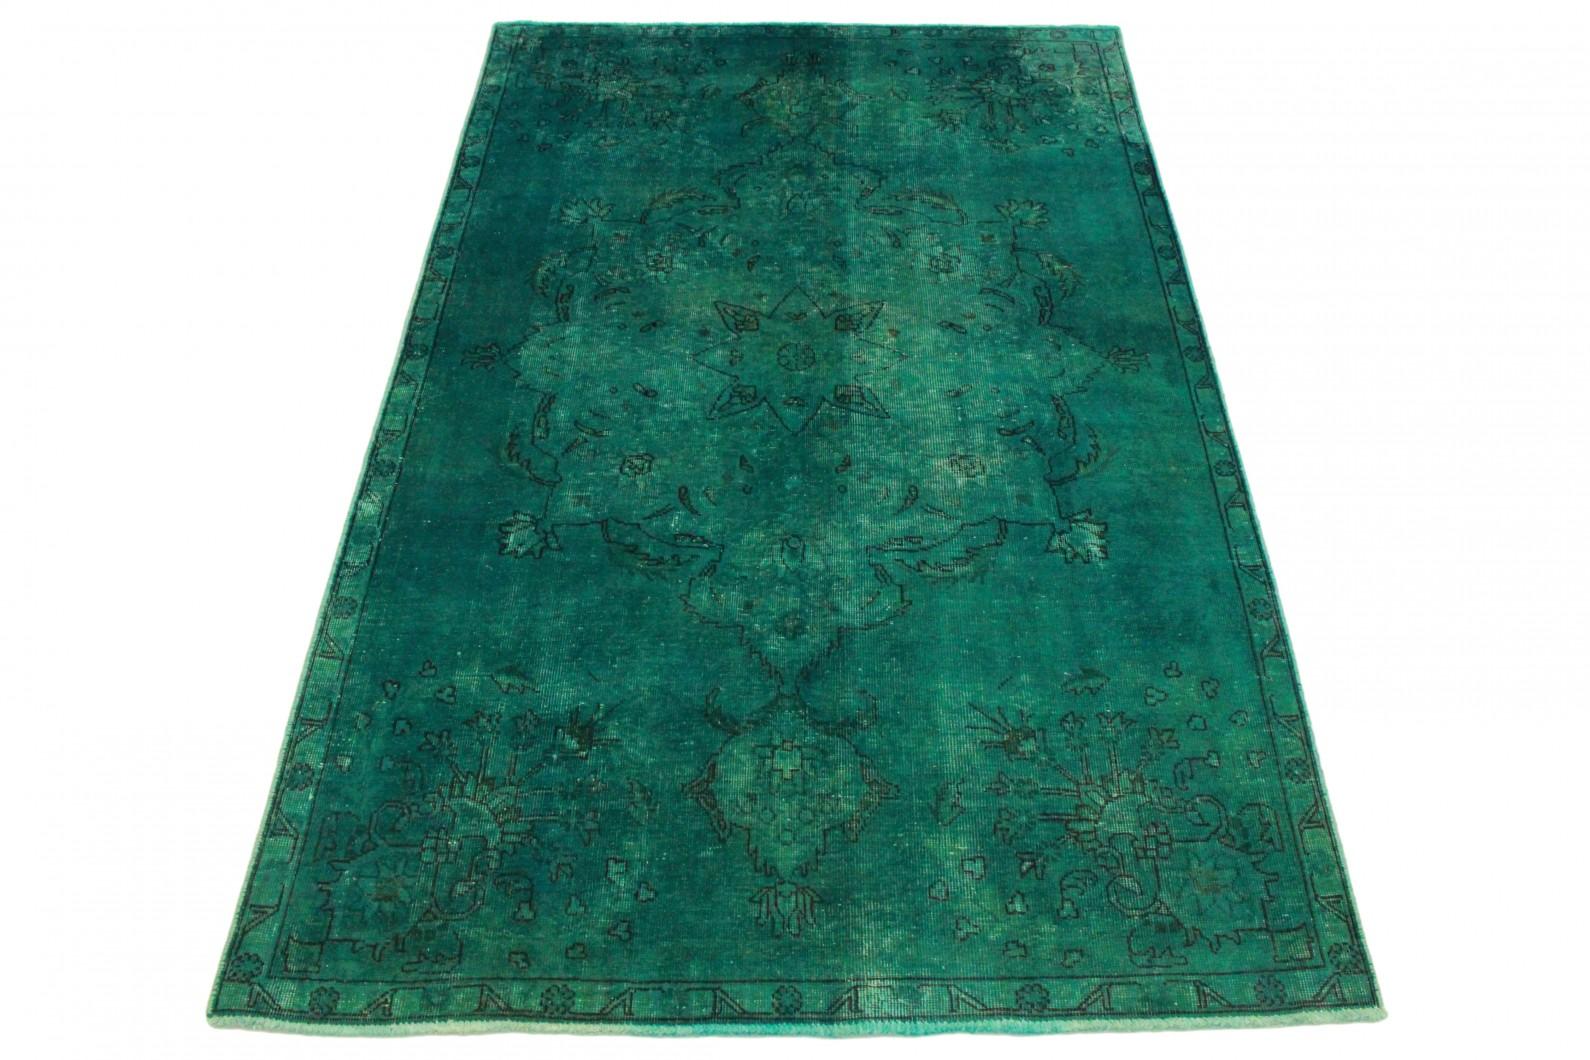 Vintage Rug Green In 250x150 1001 3551 Buy Online At